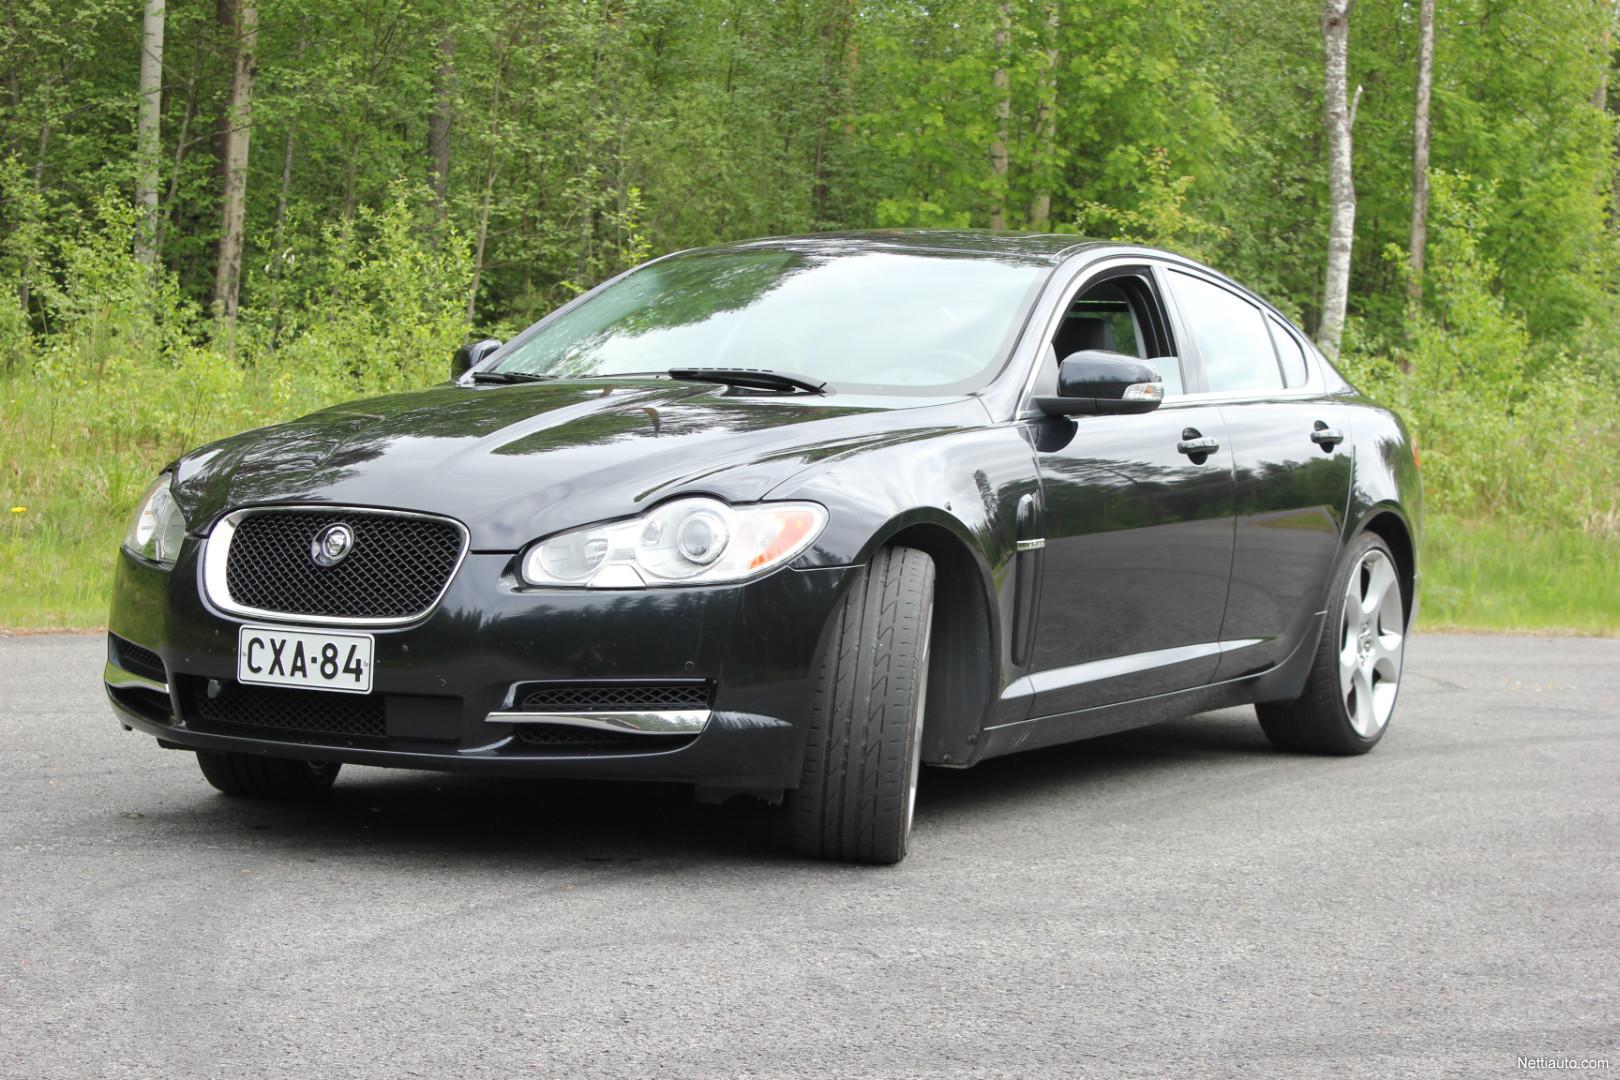 jaguar xf 4 2 supercharged sv8 sedan 2008 used vehicle nettiauto. Black Bedroom Furniture Sets. Home Design Ideas